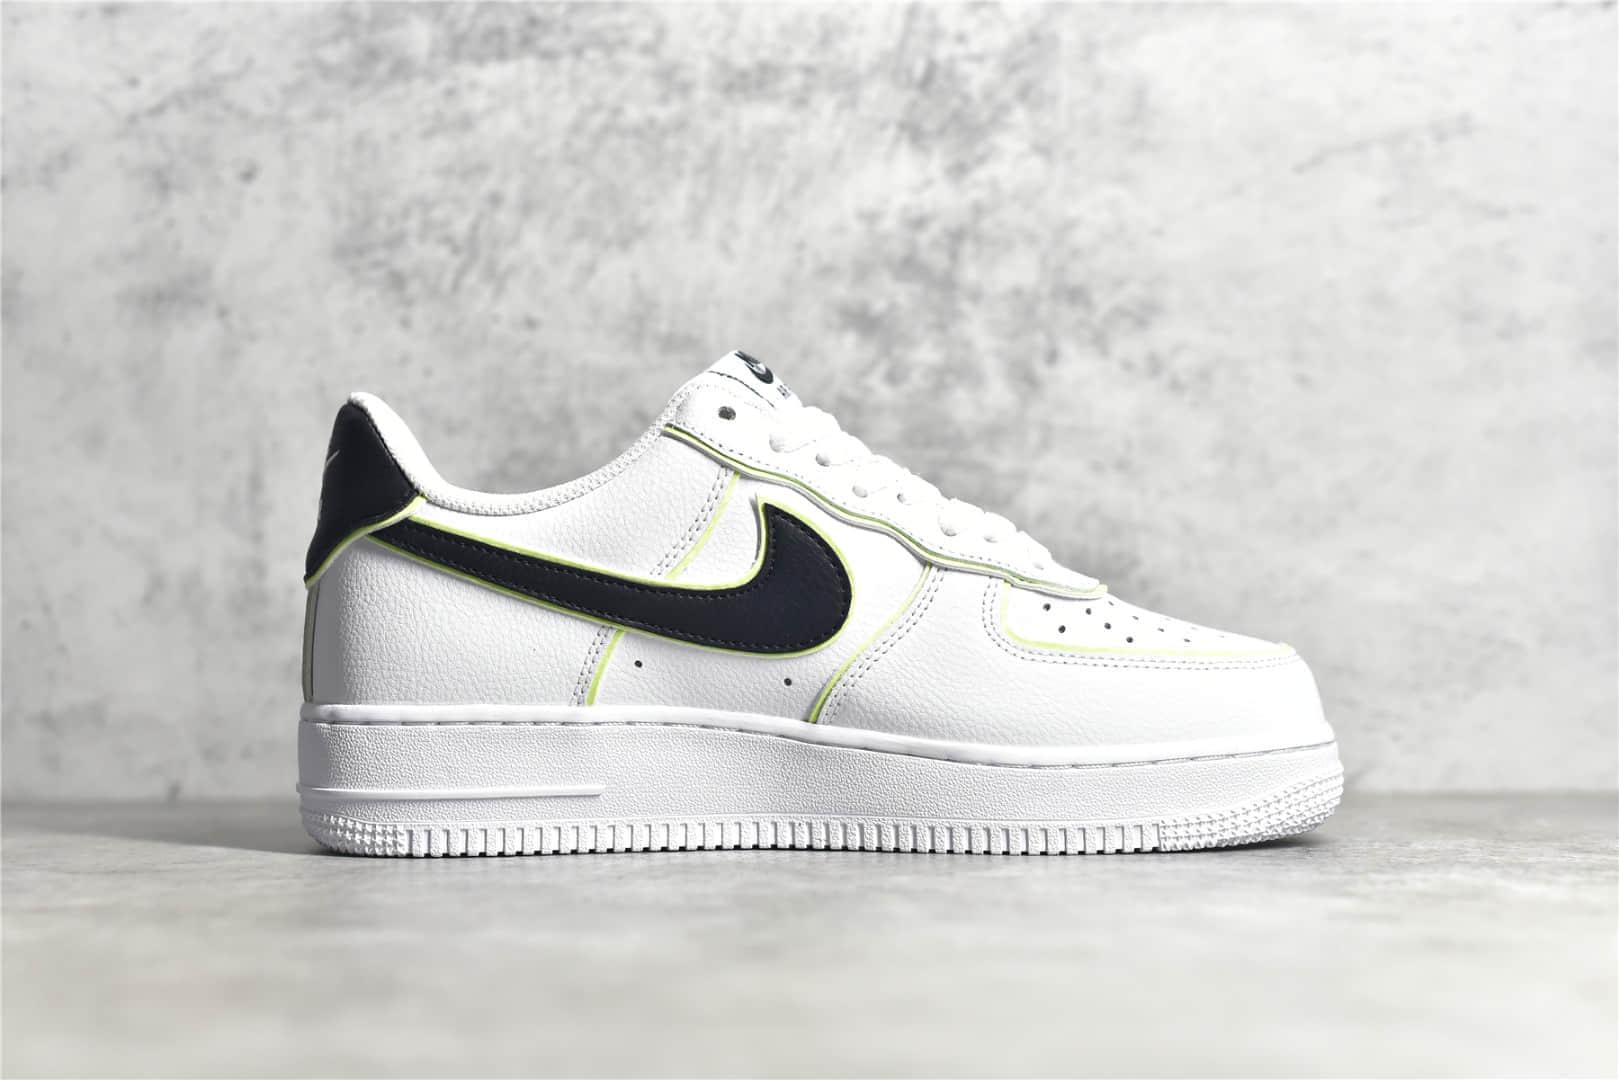 耐克空军一号白黑低帮 Nike Air Force 1 Low 07 耐克空军黑白夜光 耐克空军荔枝皮 货号:CW2288-304-潮流者之家